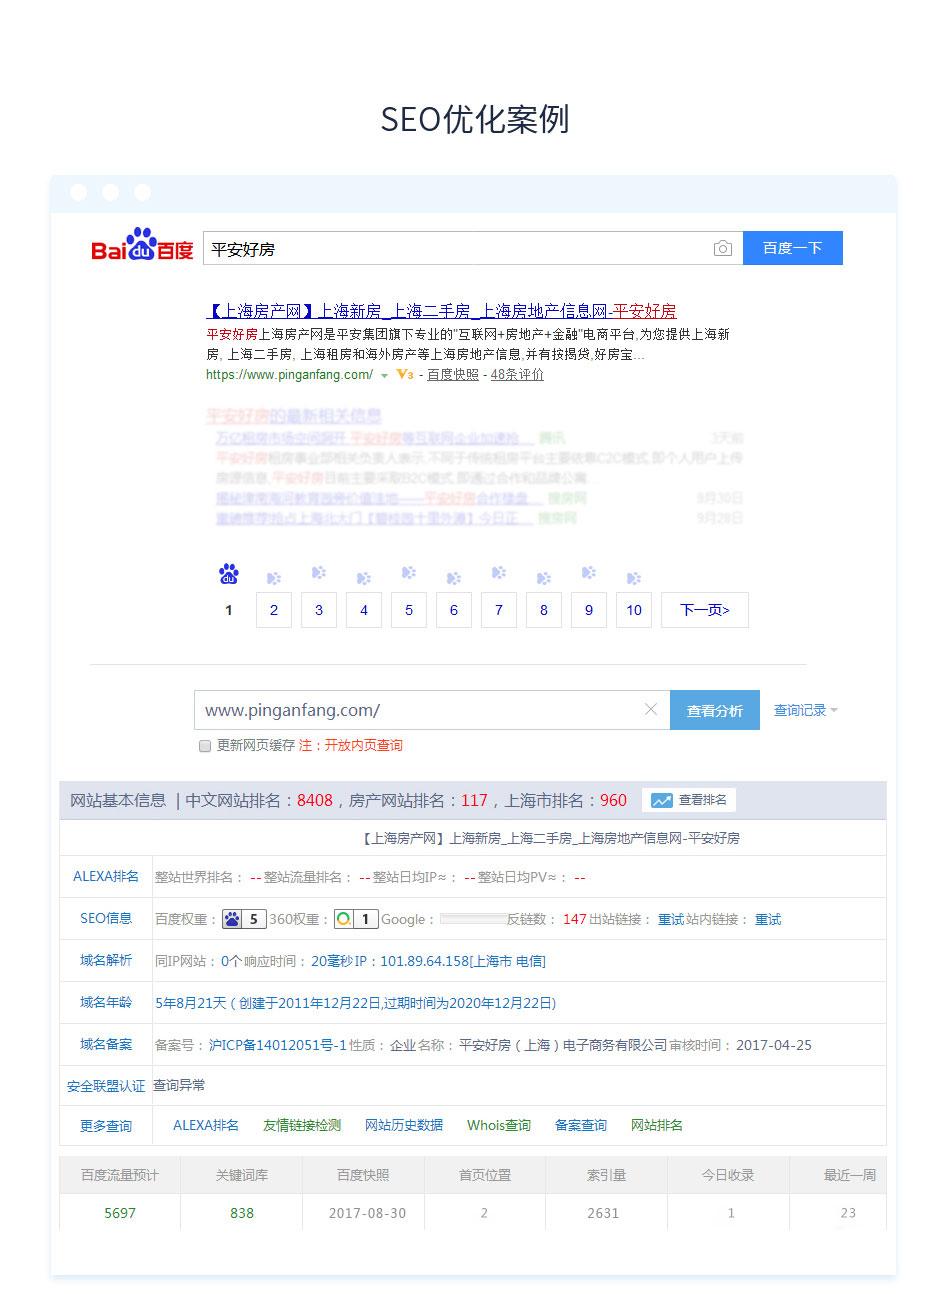 【西安SEO优化案例_西安网站优化_关键词排名优化案例】-SEO优化案例艺源科技